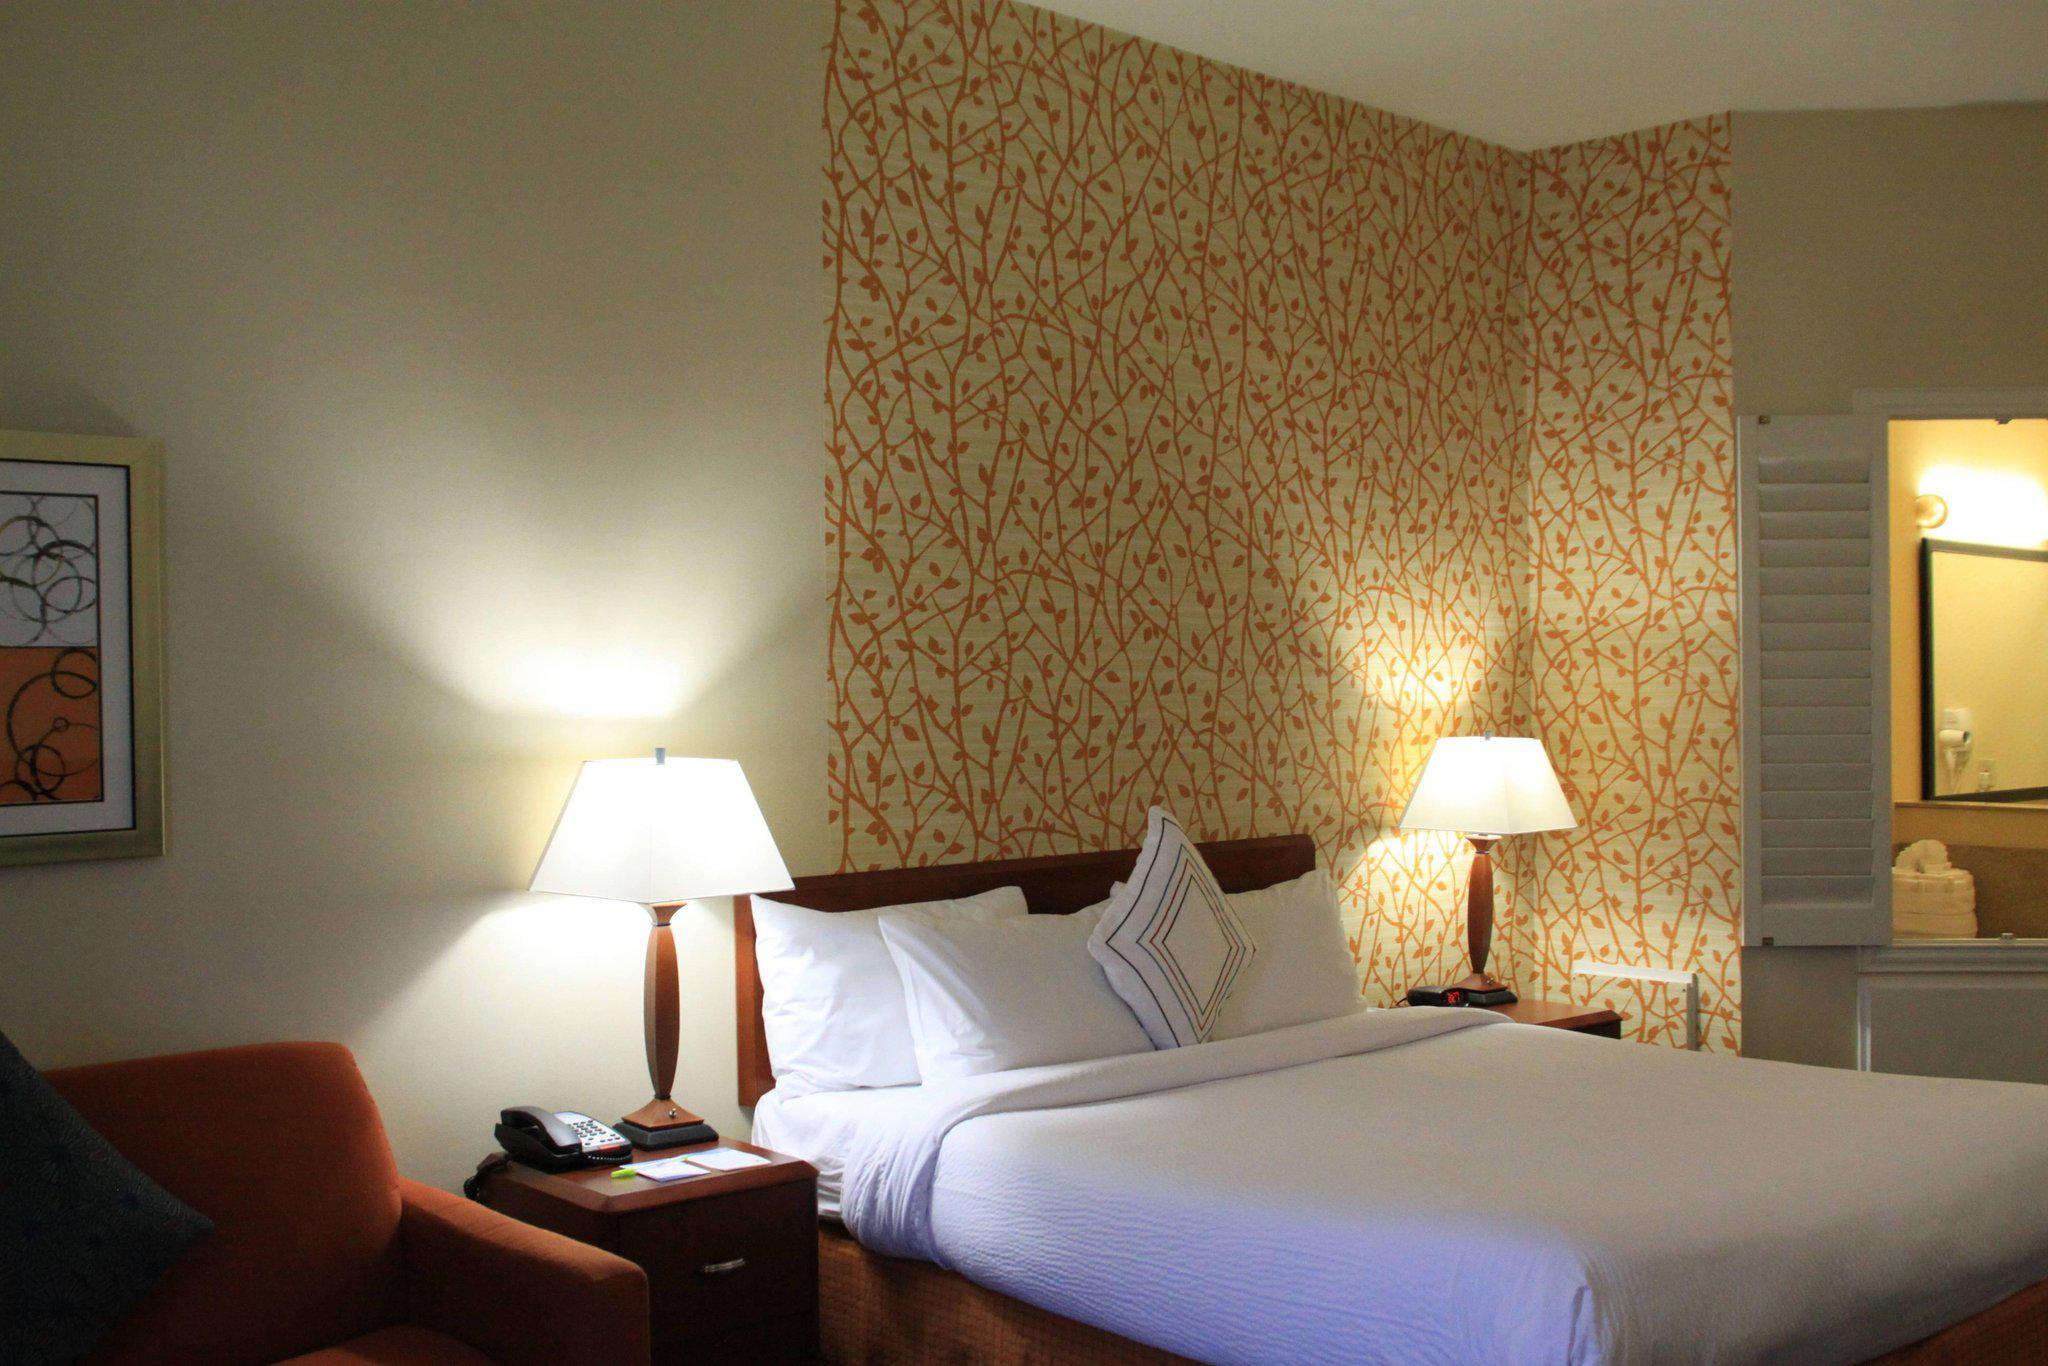 Fairfield Inn & Suites by Marriott Denton